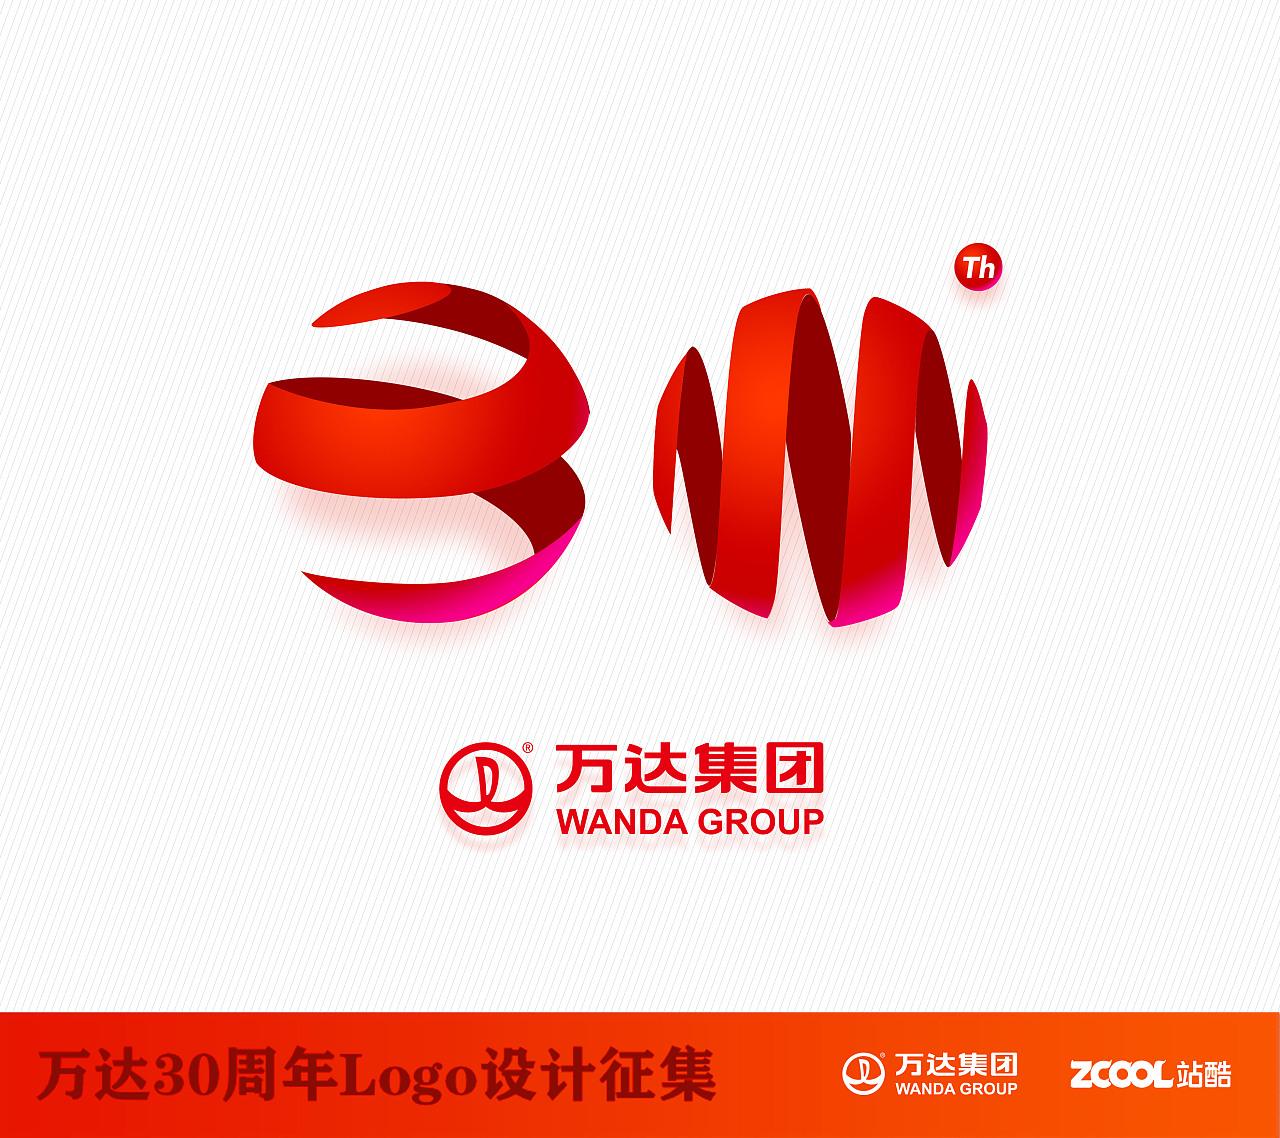 万达30周年 logo|平面|标志|欧文王 - 原创作品图片